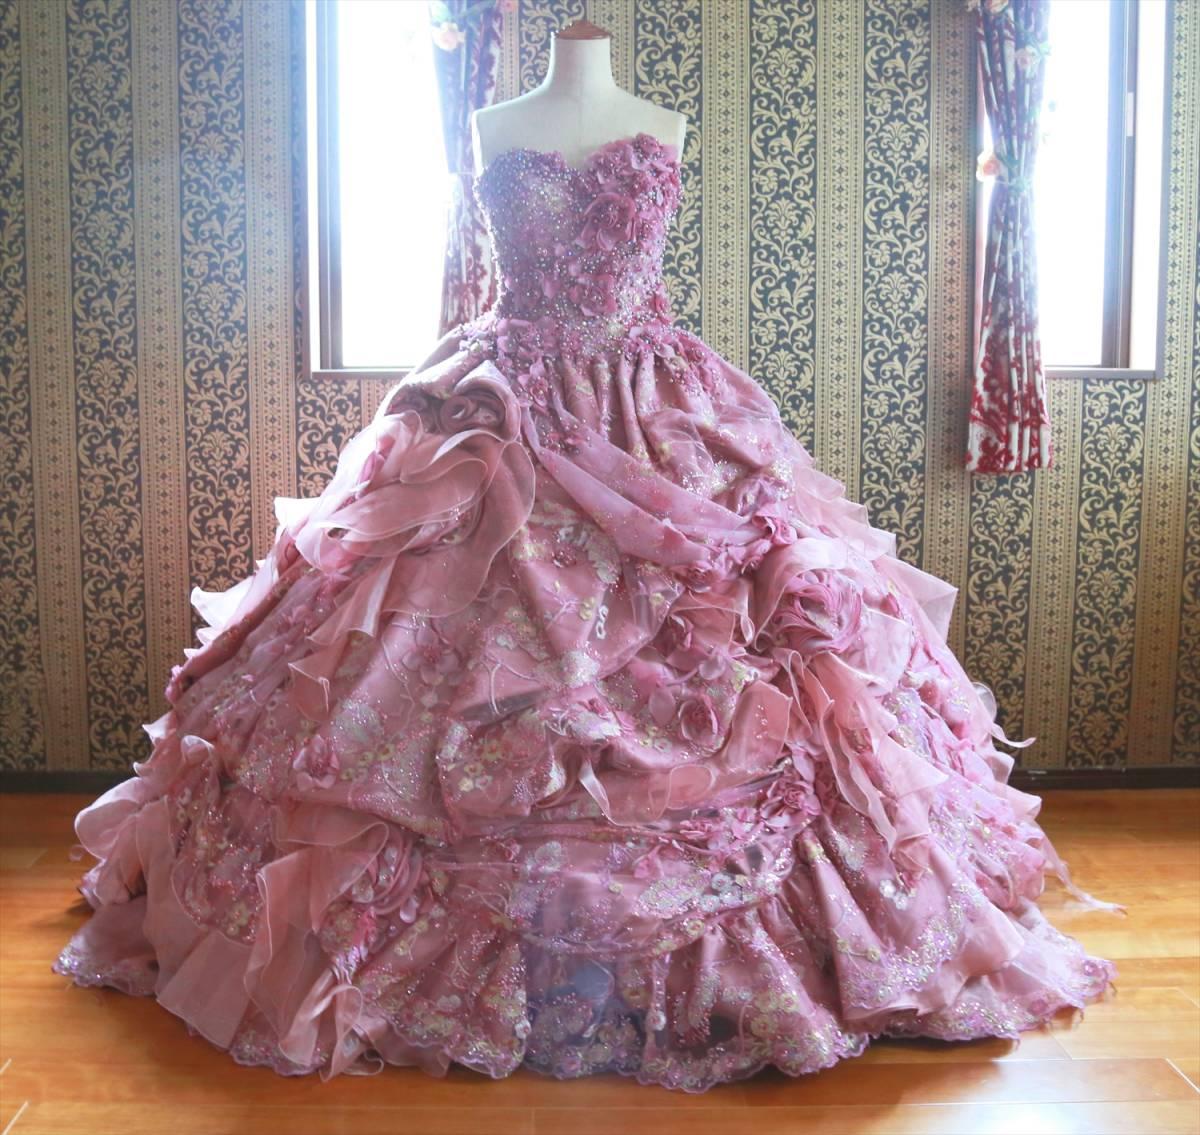 超豪華な逸品!高級ウエディングドレスMサイズ9号☆送料無料ピンクパープルカラードレス